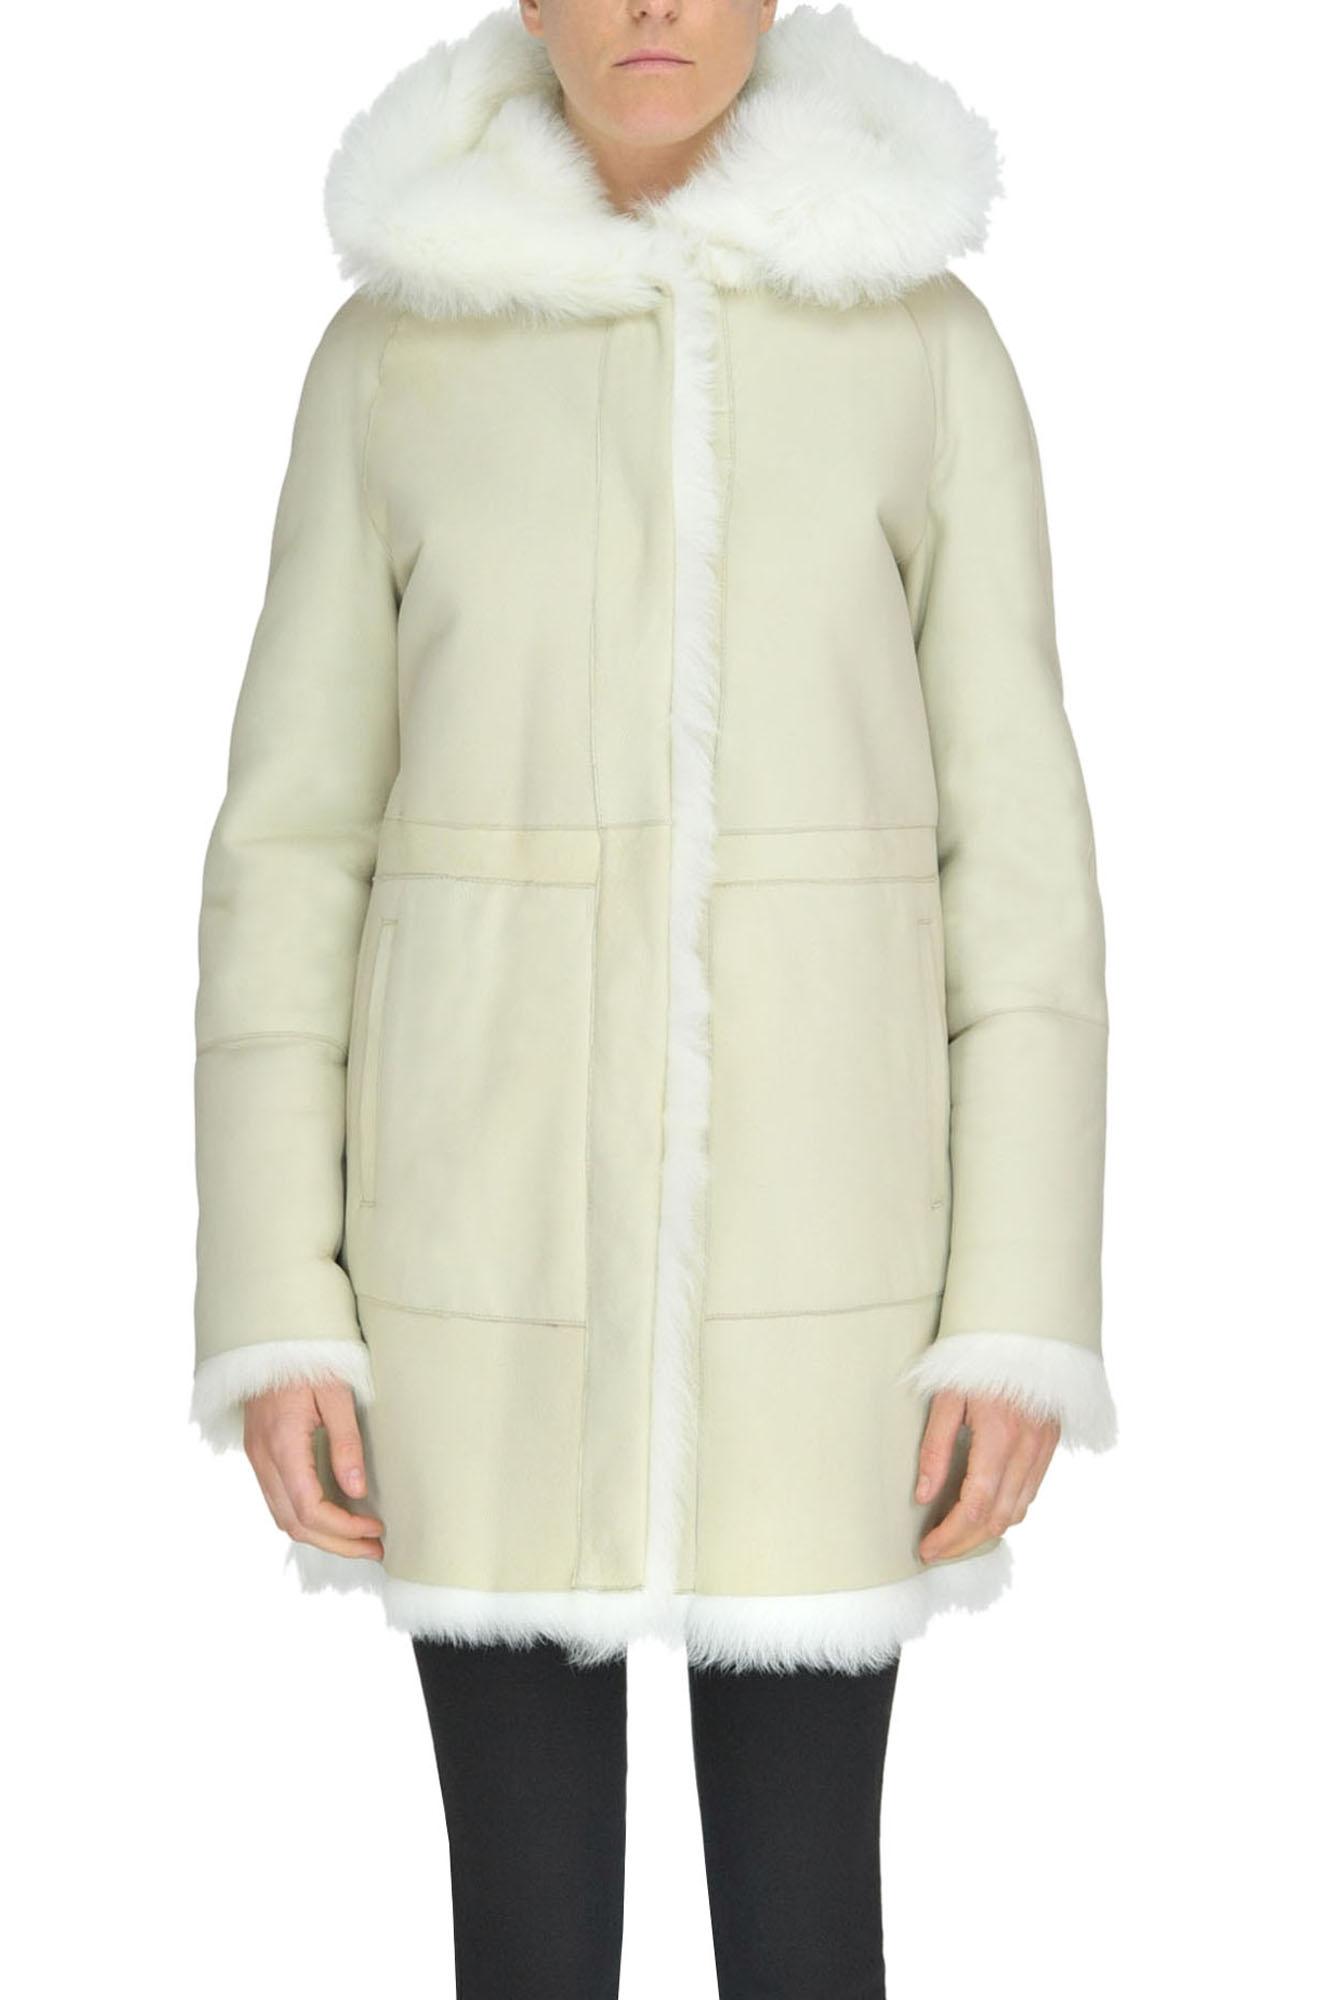 B&W Reversible Shearling Coat in Cream